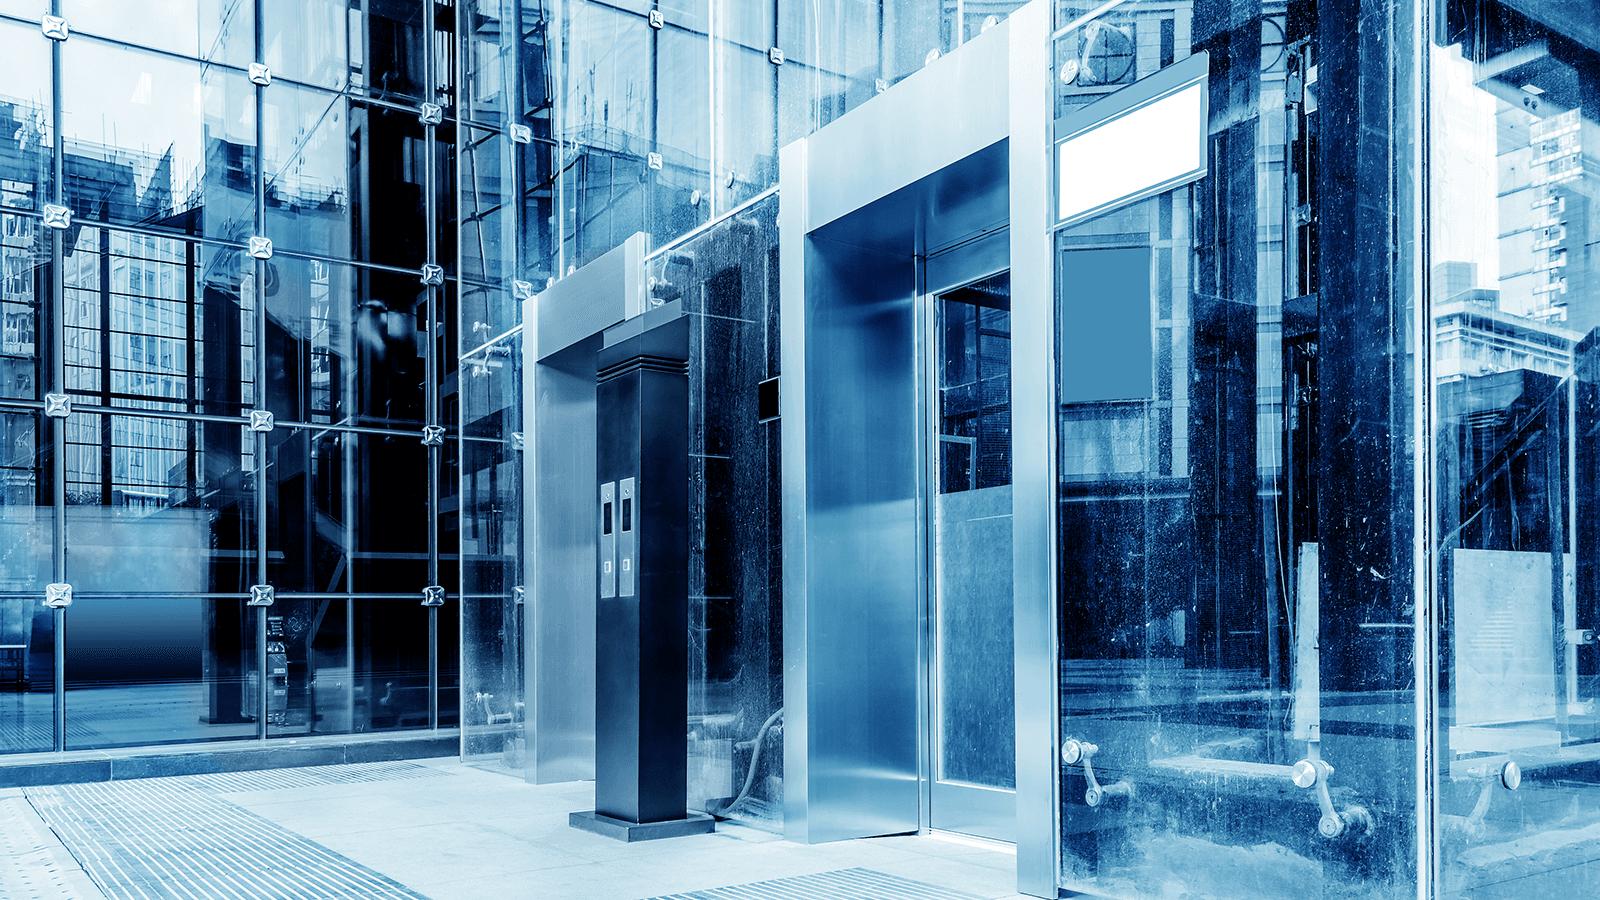 un ascensore in un palazzo attorniato da vetrate